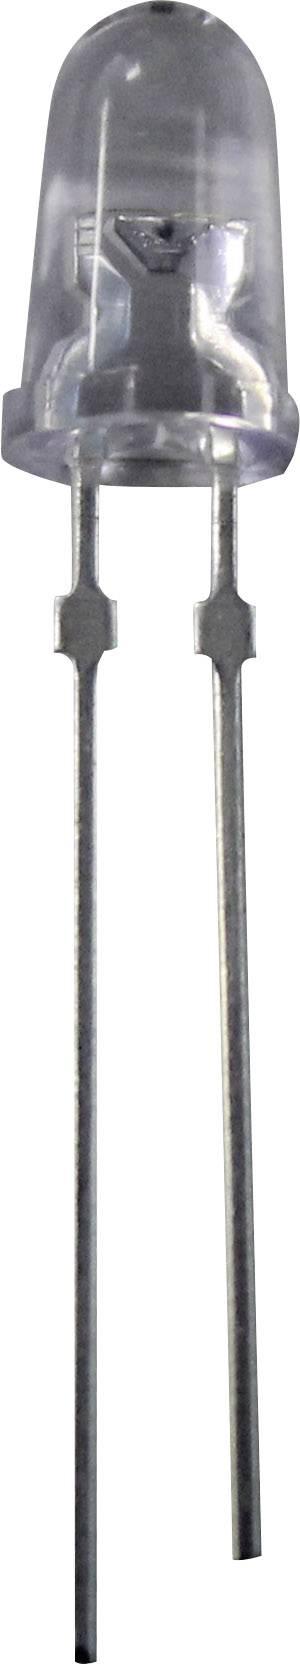 LEDsvývodmi Nichia NSPG500DS-G, NSPG500S, typ šošovky guľatý, 5 mm, zelená